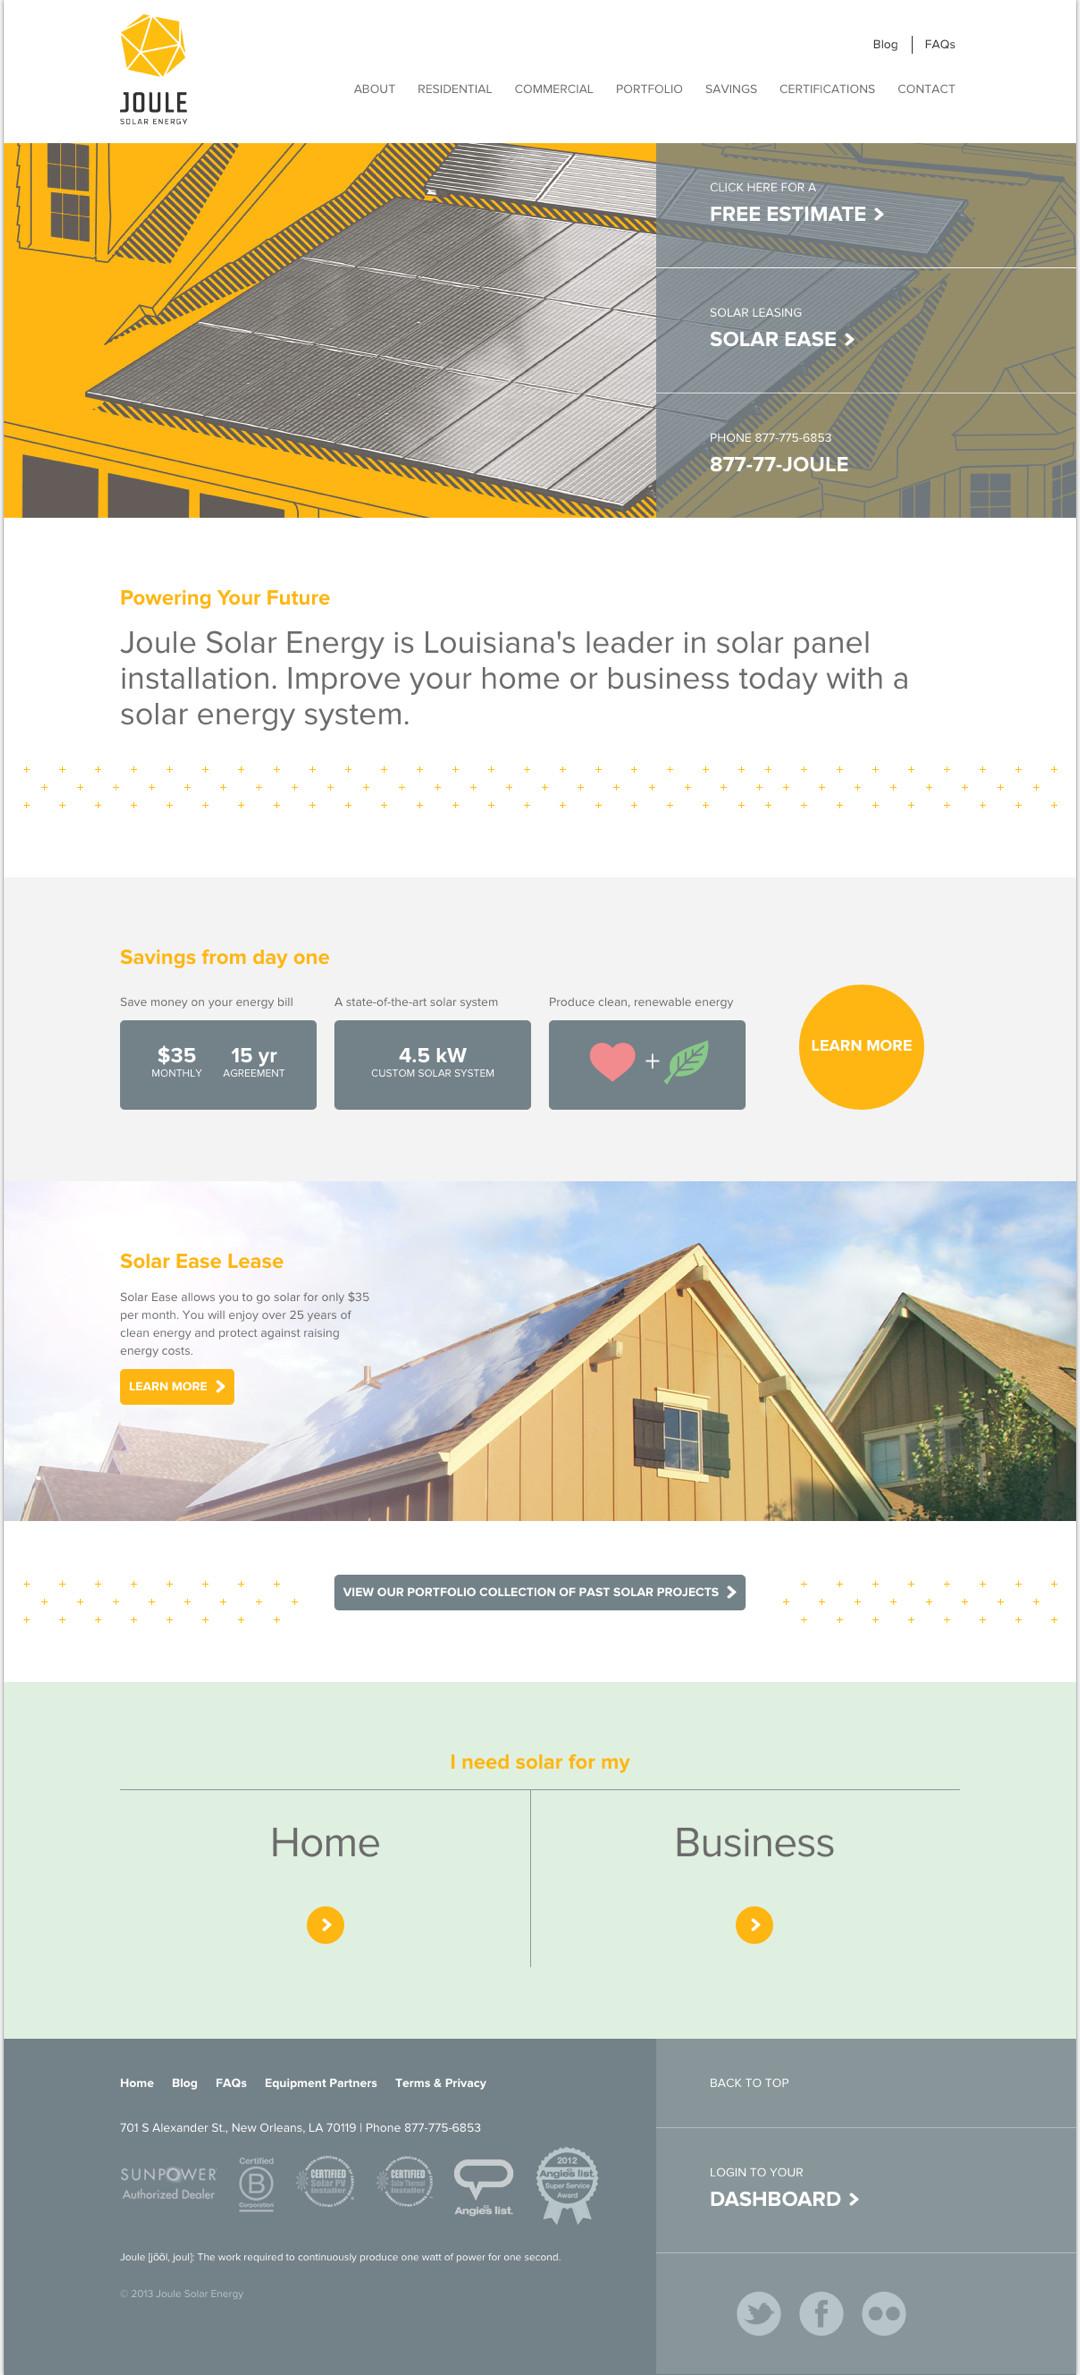 Homepage on Desktop